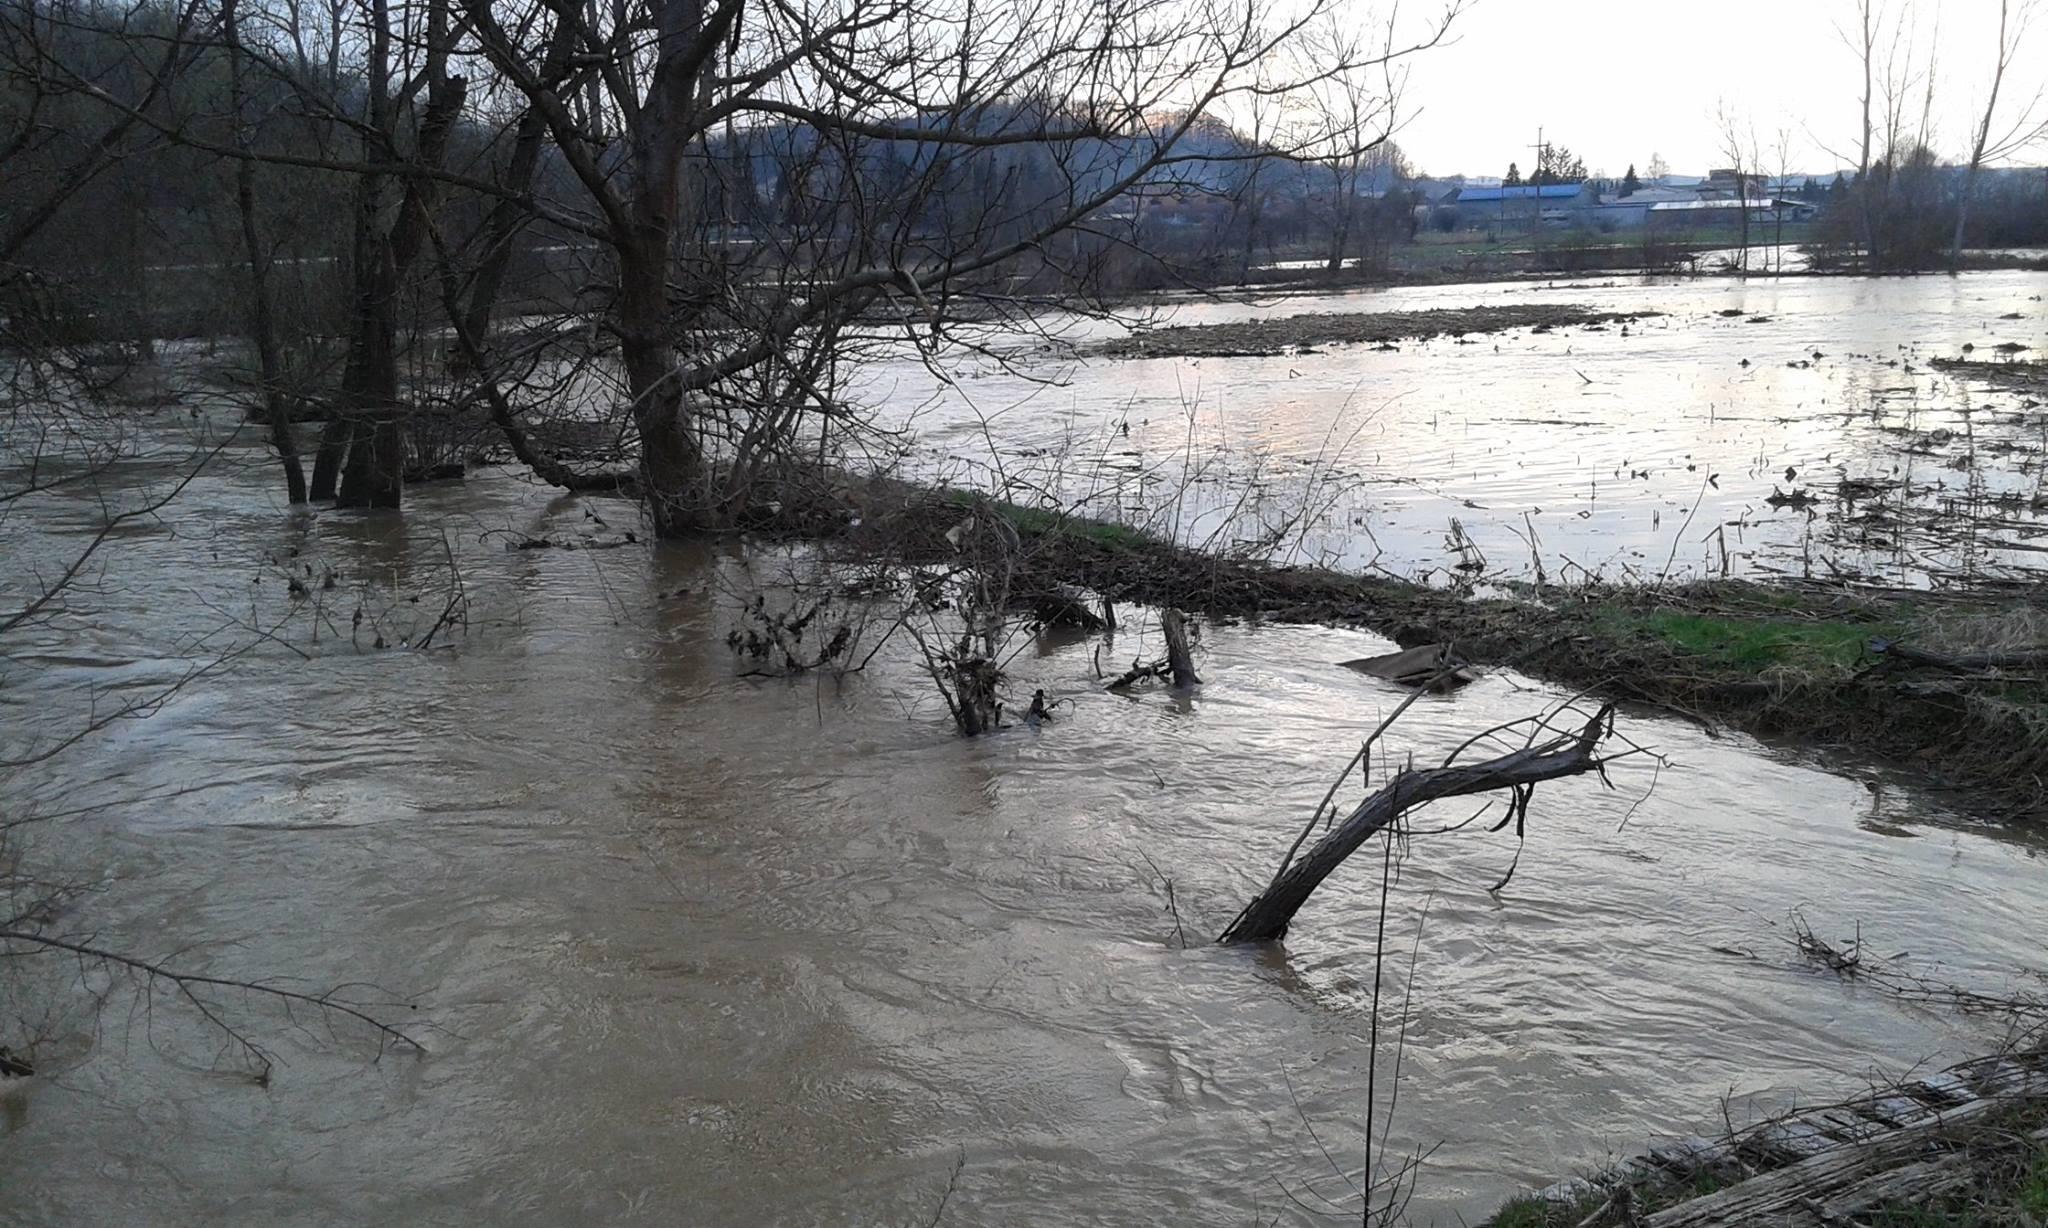 Poplave u svrljiškom kraju